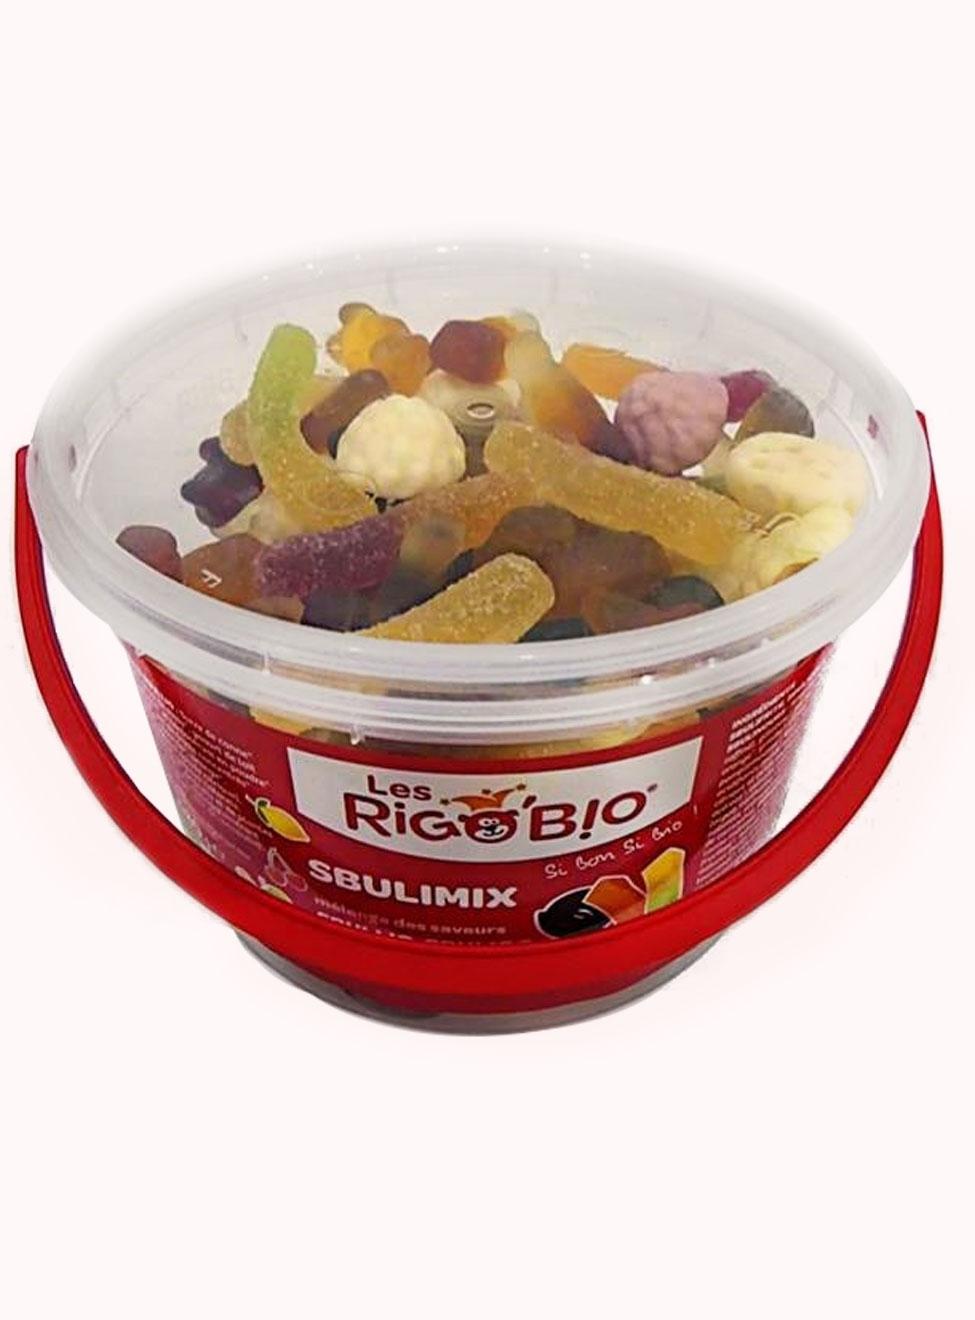 RIGOBIO Sbulimix bonbons mélangés en pot - réf.3410